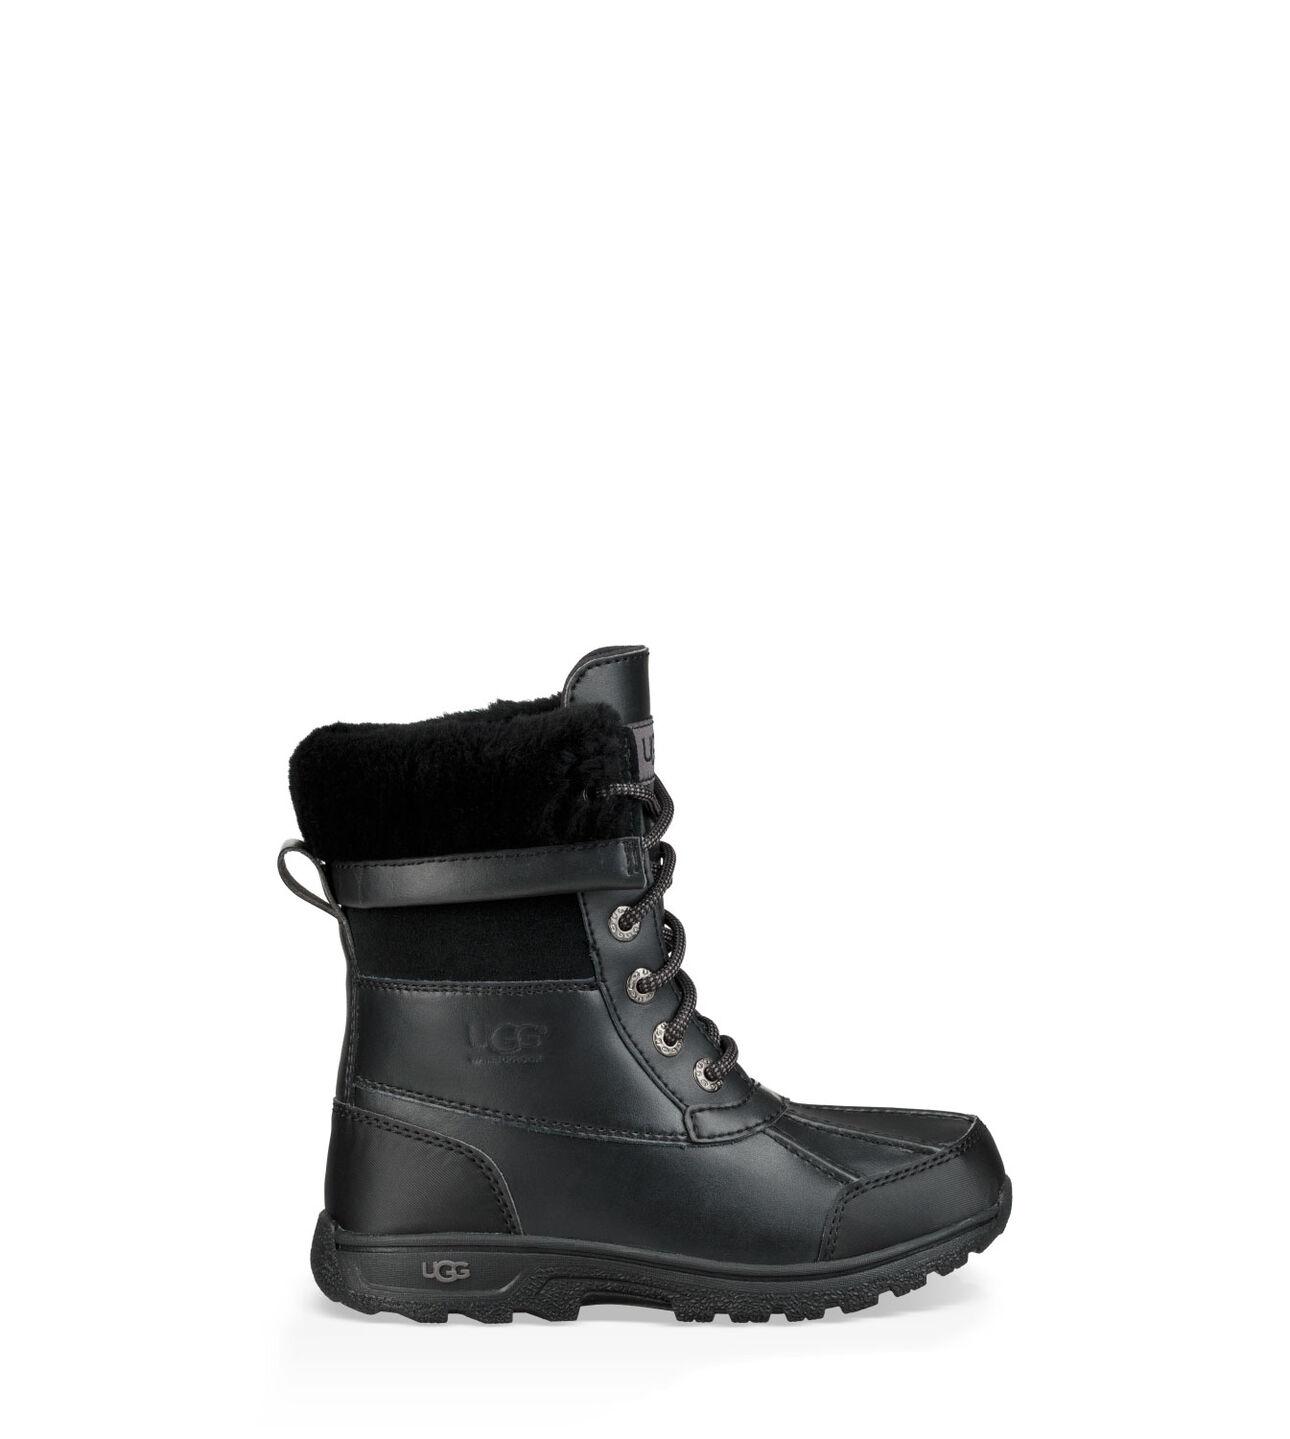 f0e66d7fce6 Butte II CWR Boot